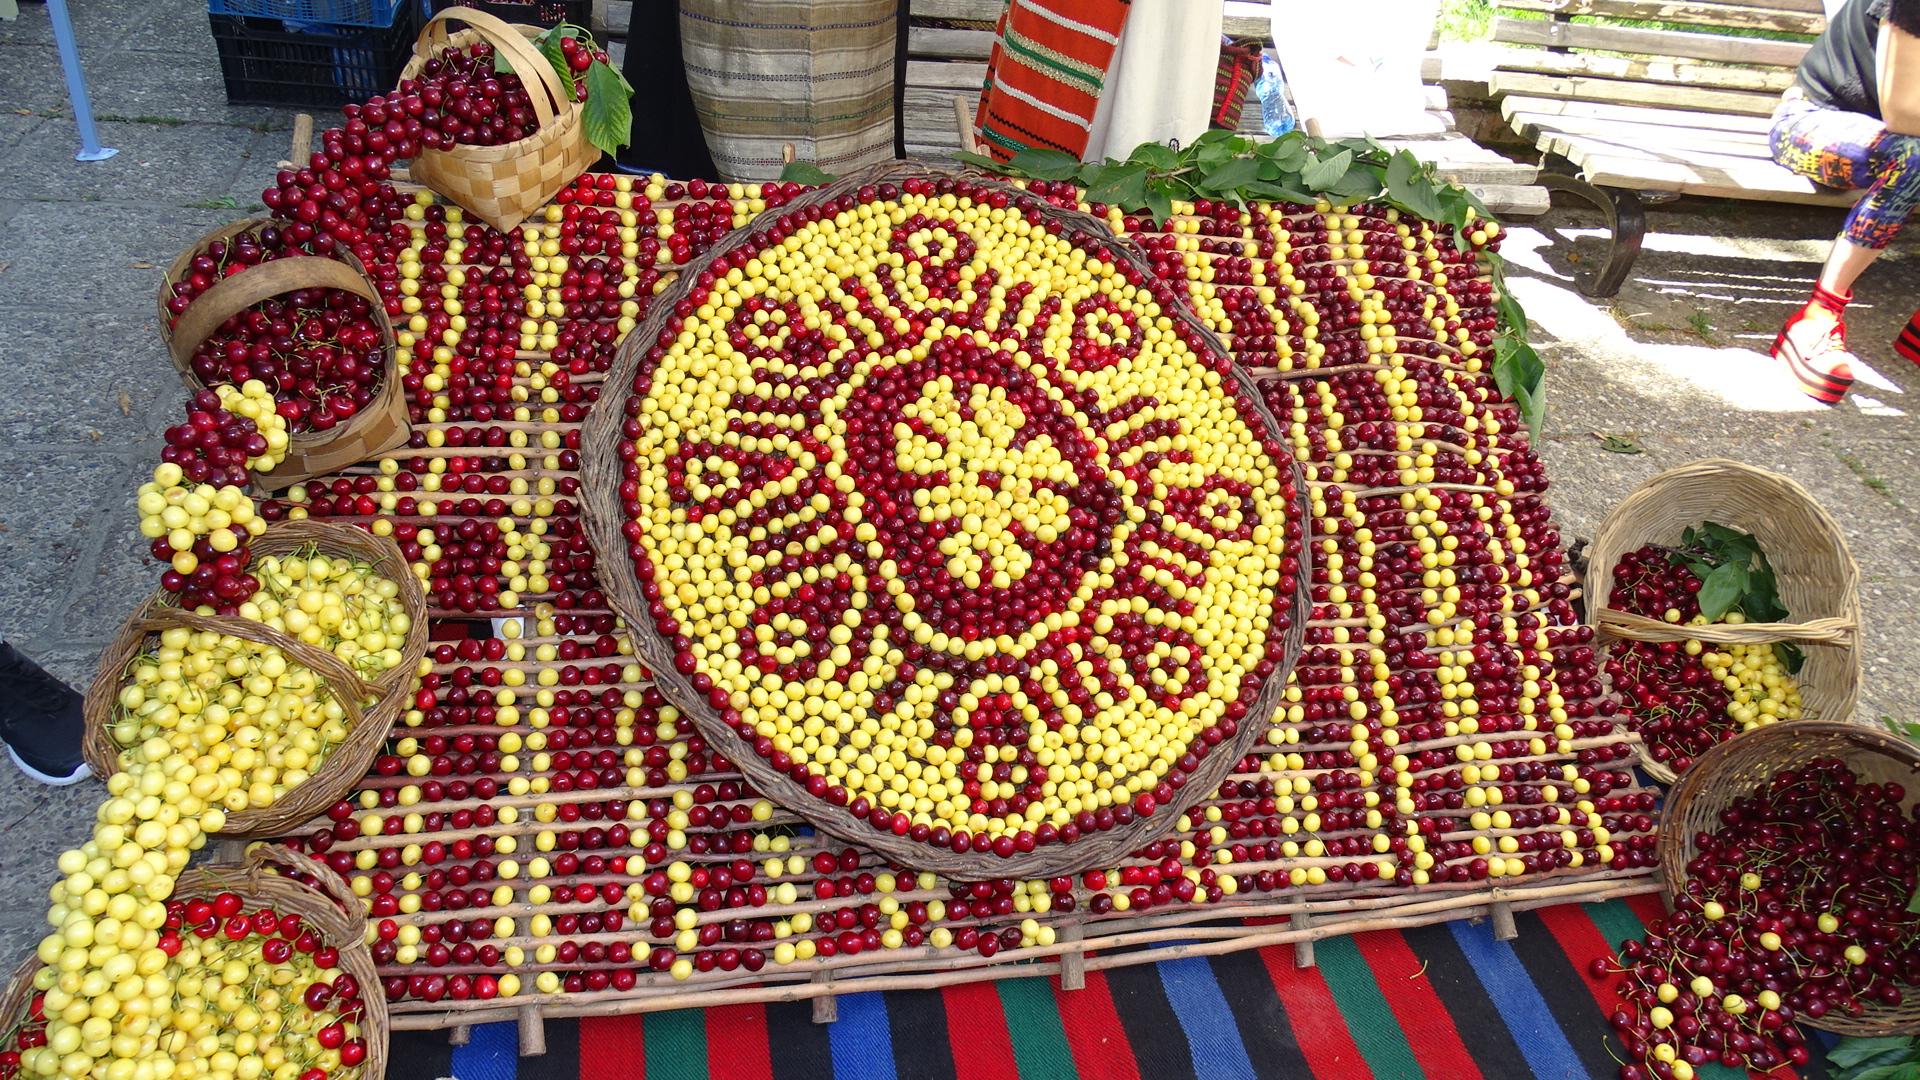 В Кюстендил отбелязват Празника на черешата. Денят се празнува от 1896 г., когато се провежда първата национална овощарска изложба. Тогава градът получава званието Майка на българското овощарство.